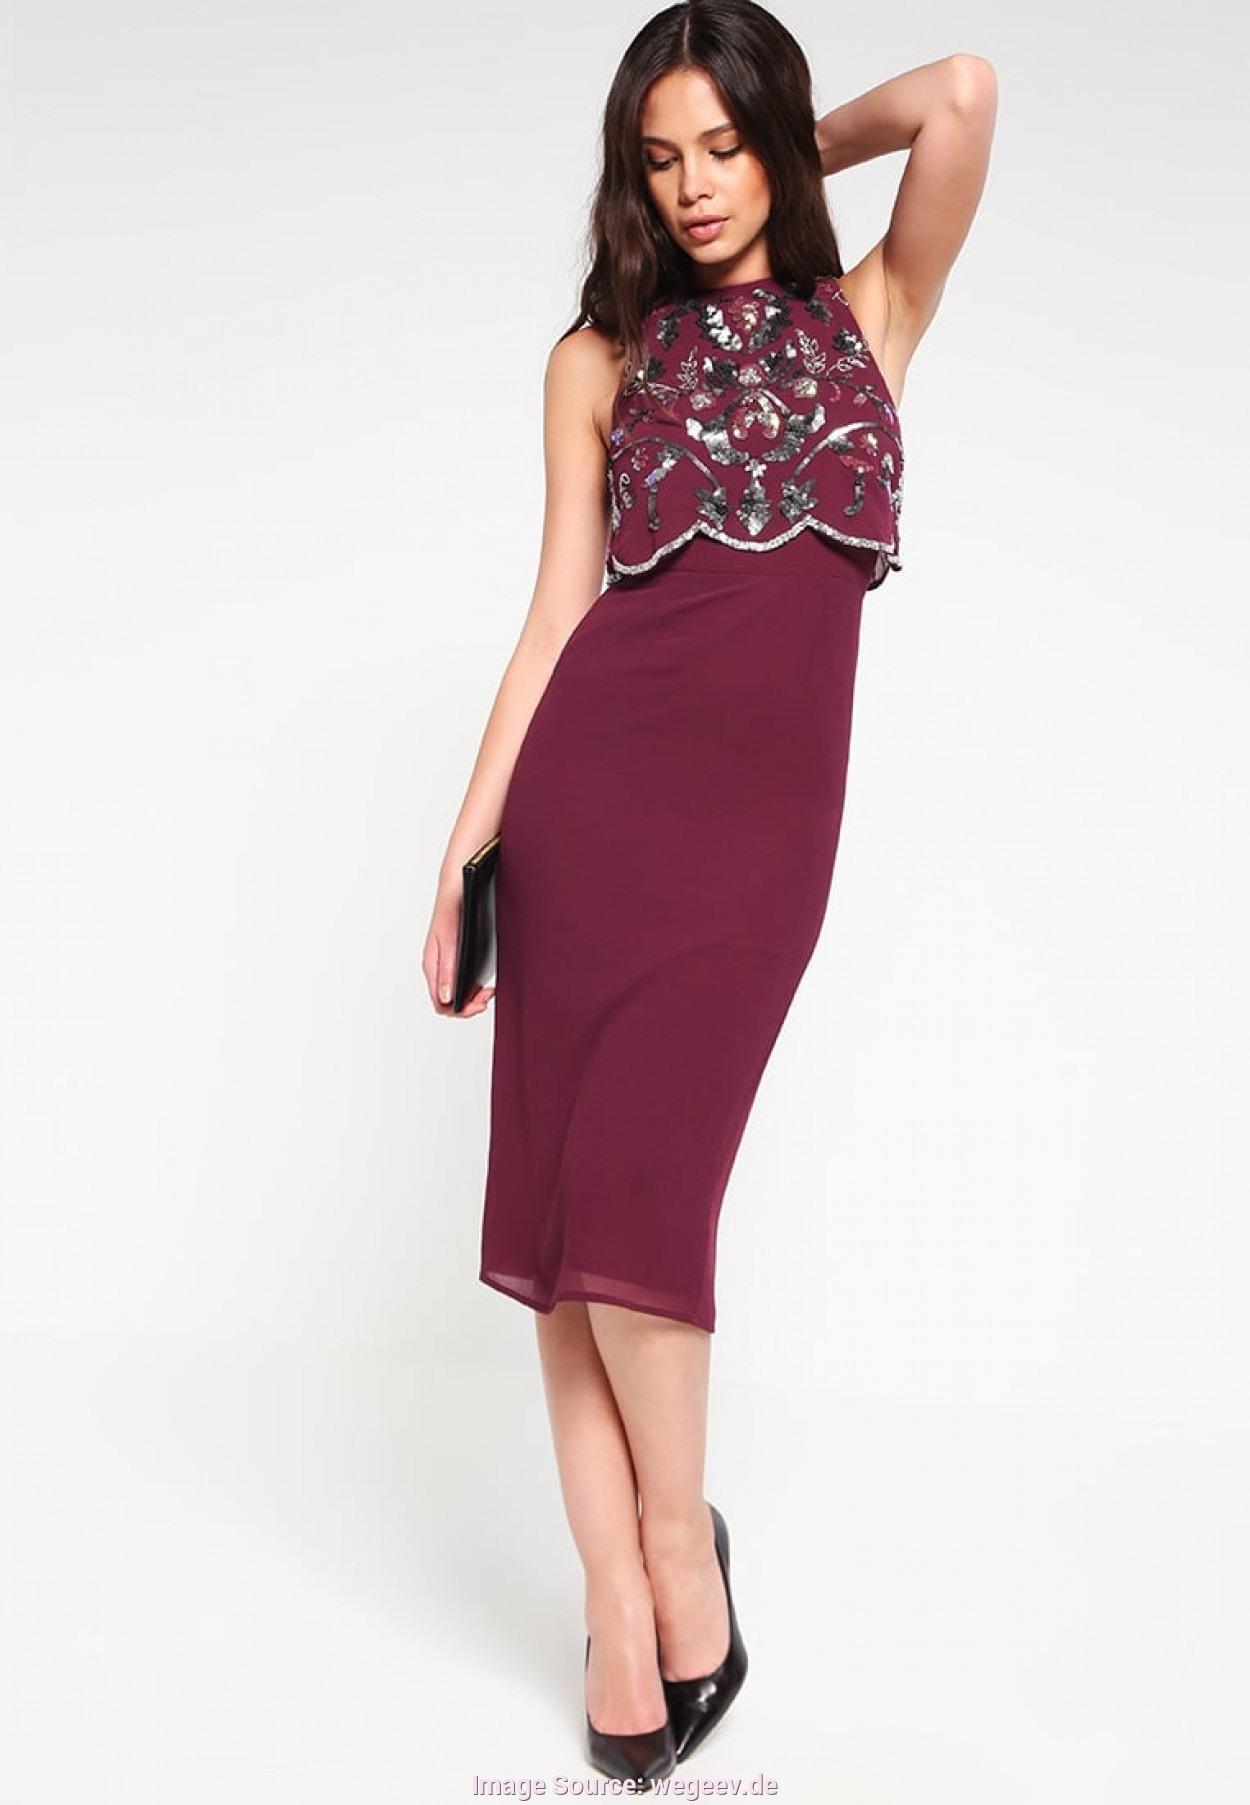 15 Perfekt Festliche Damenkleider Spezialgebiet15 Top Festliche Damenkleider Ärmel